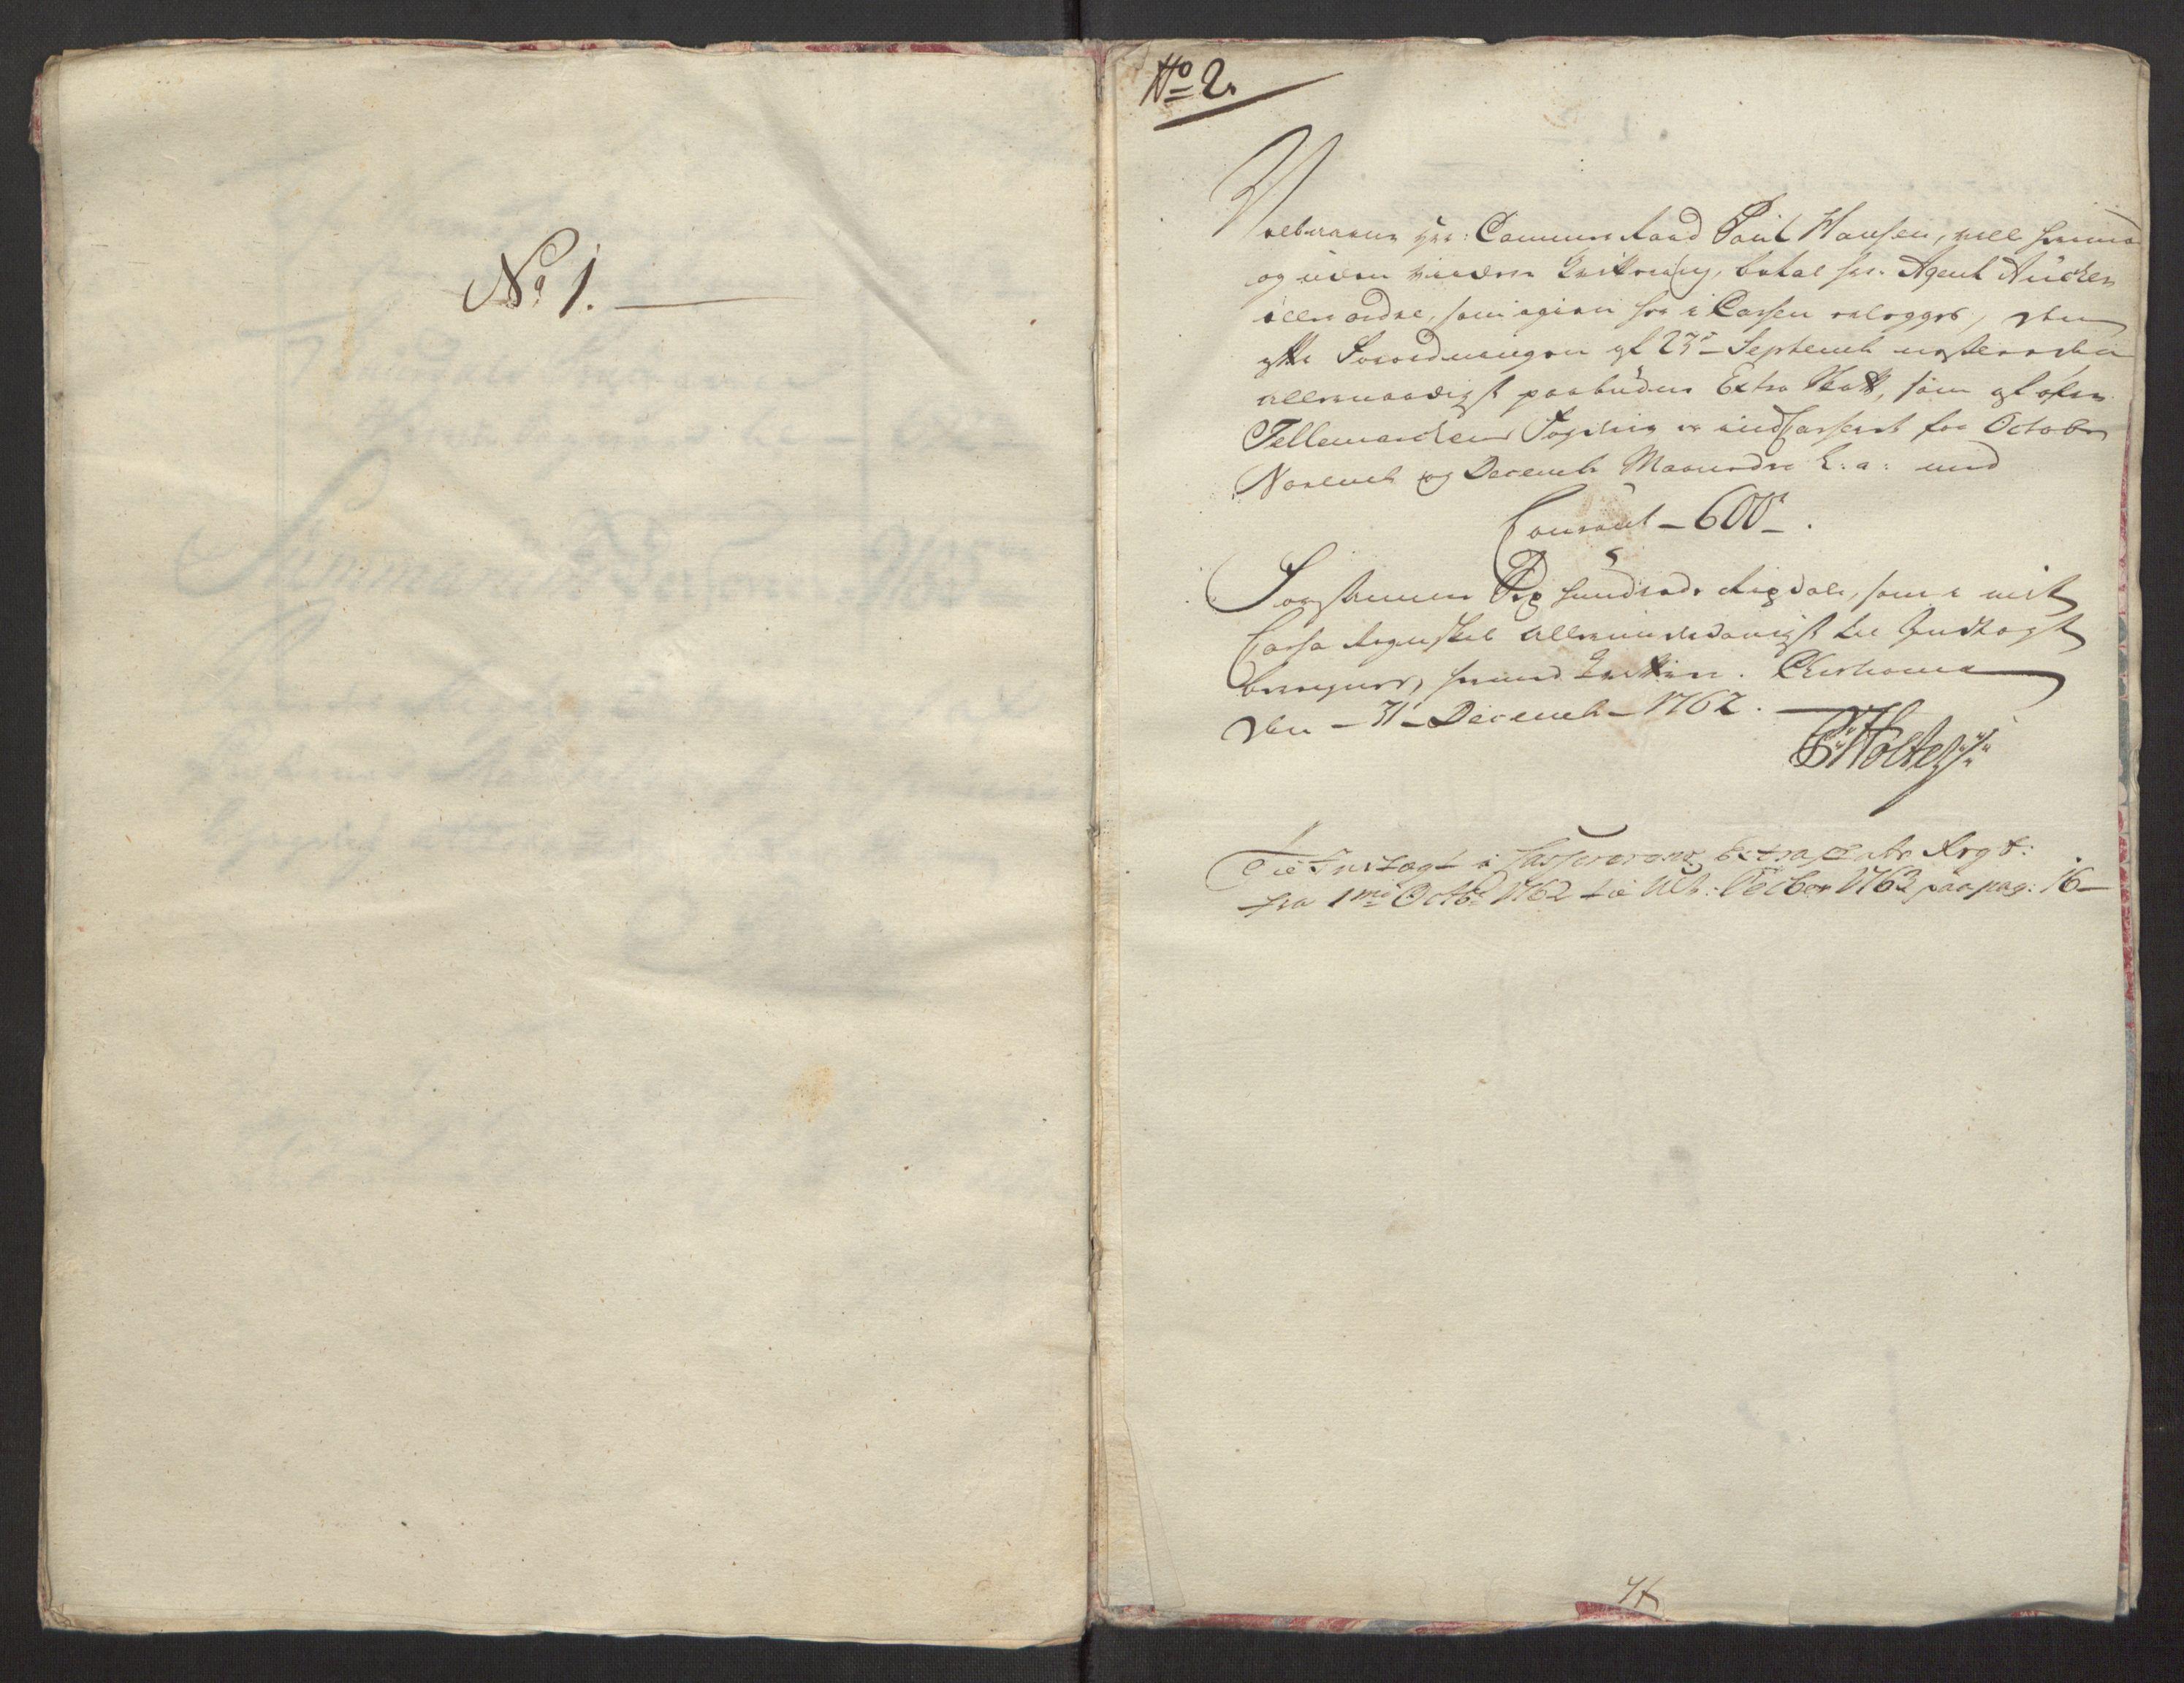 RA, Rentekammeret inntil 1814, Reviderte regnskaper, Fogderegnskap, R38/L2293: Ekstraskatten Øvre Telemark, 1762-1770, s. 8